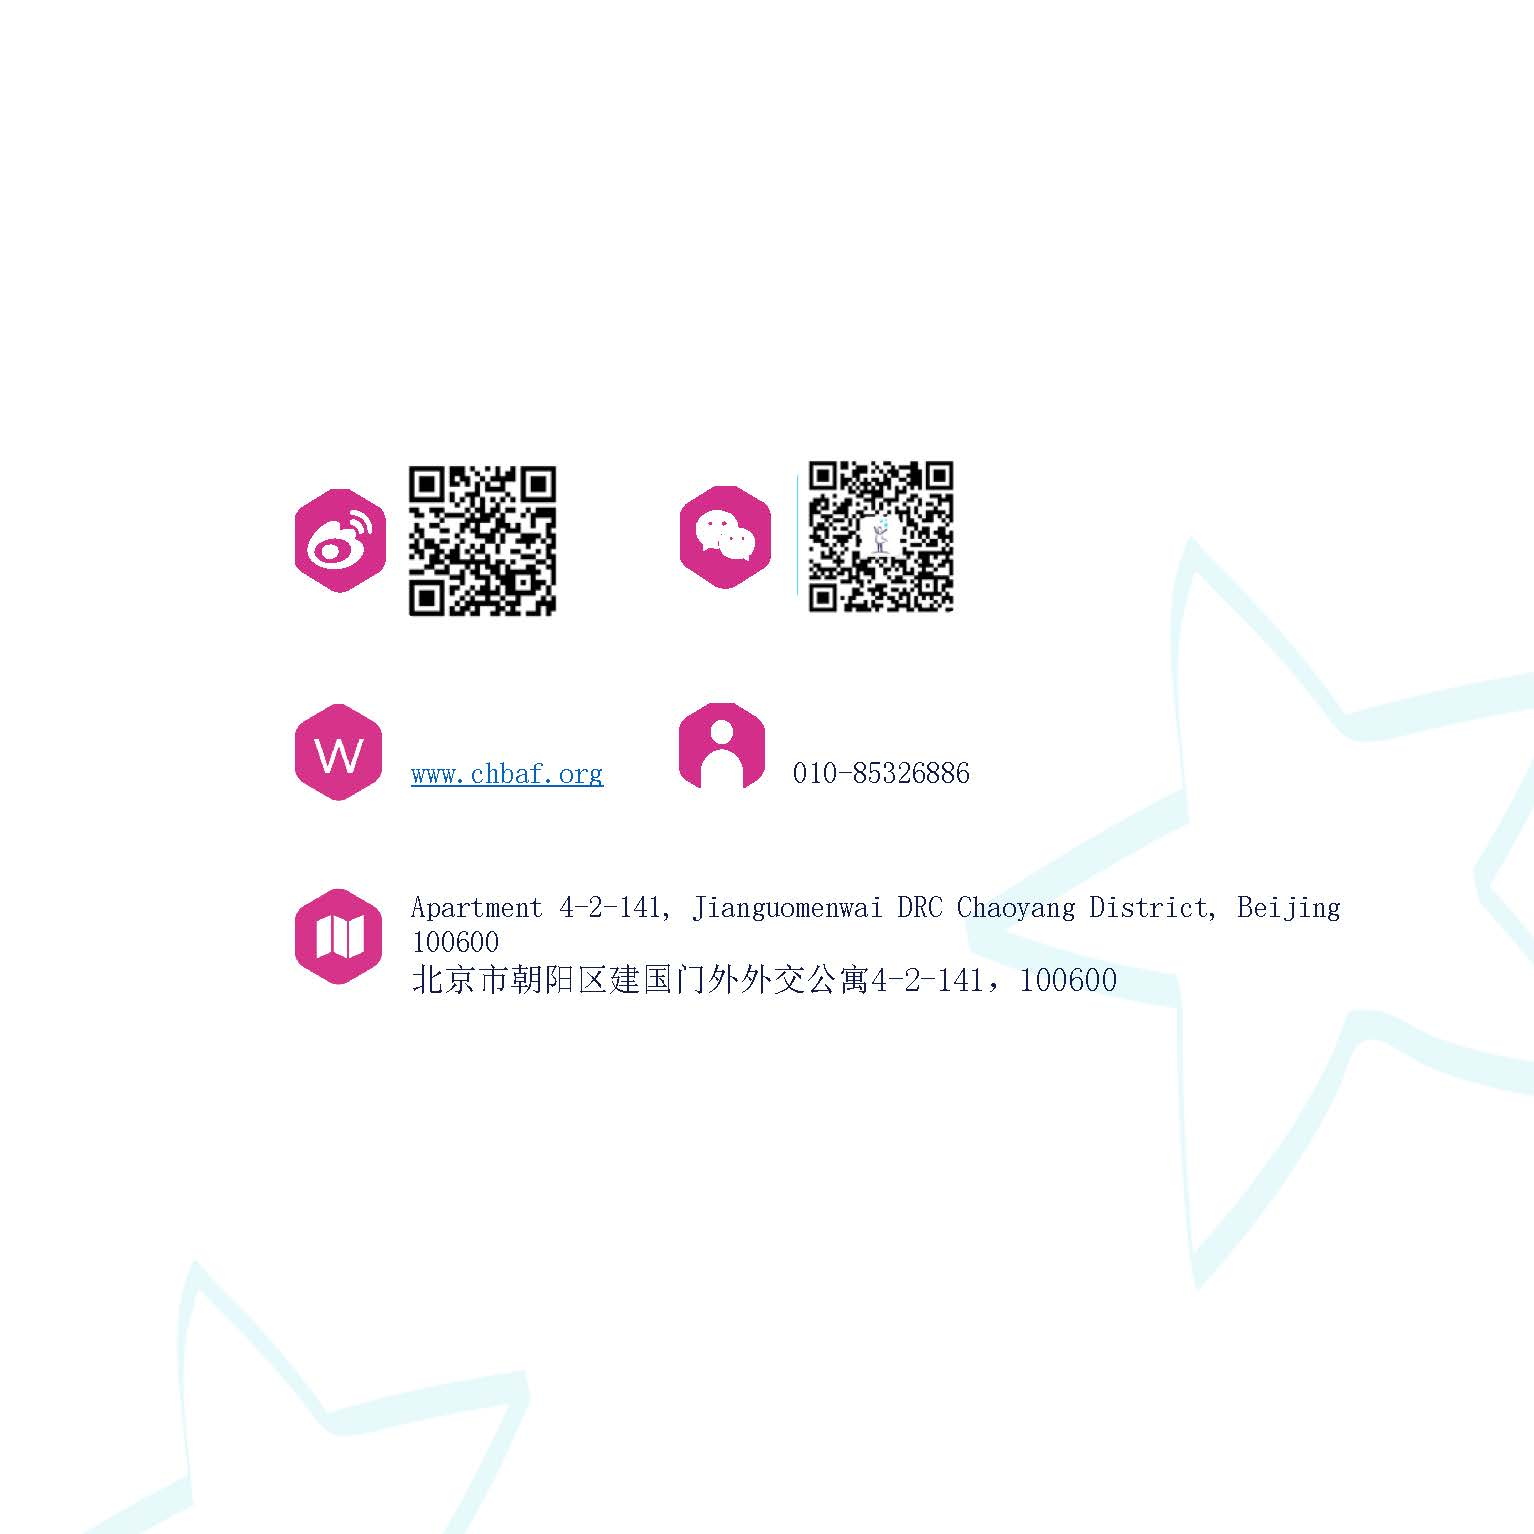 第三季度简讯(20191106-VF)_页面_17.jpg